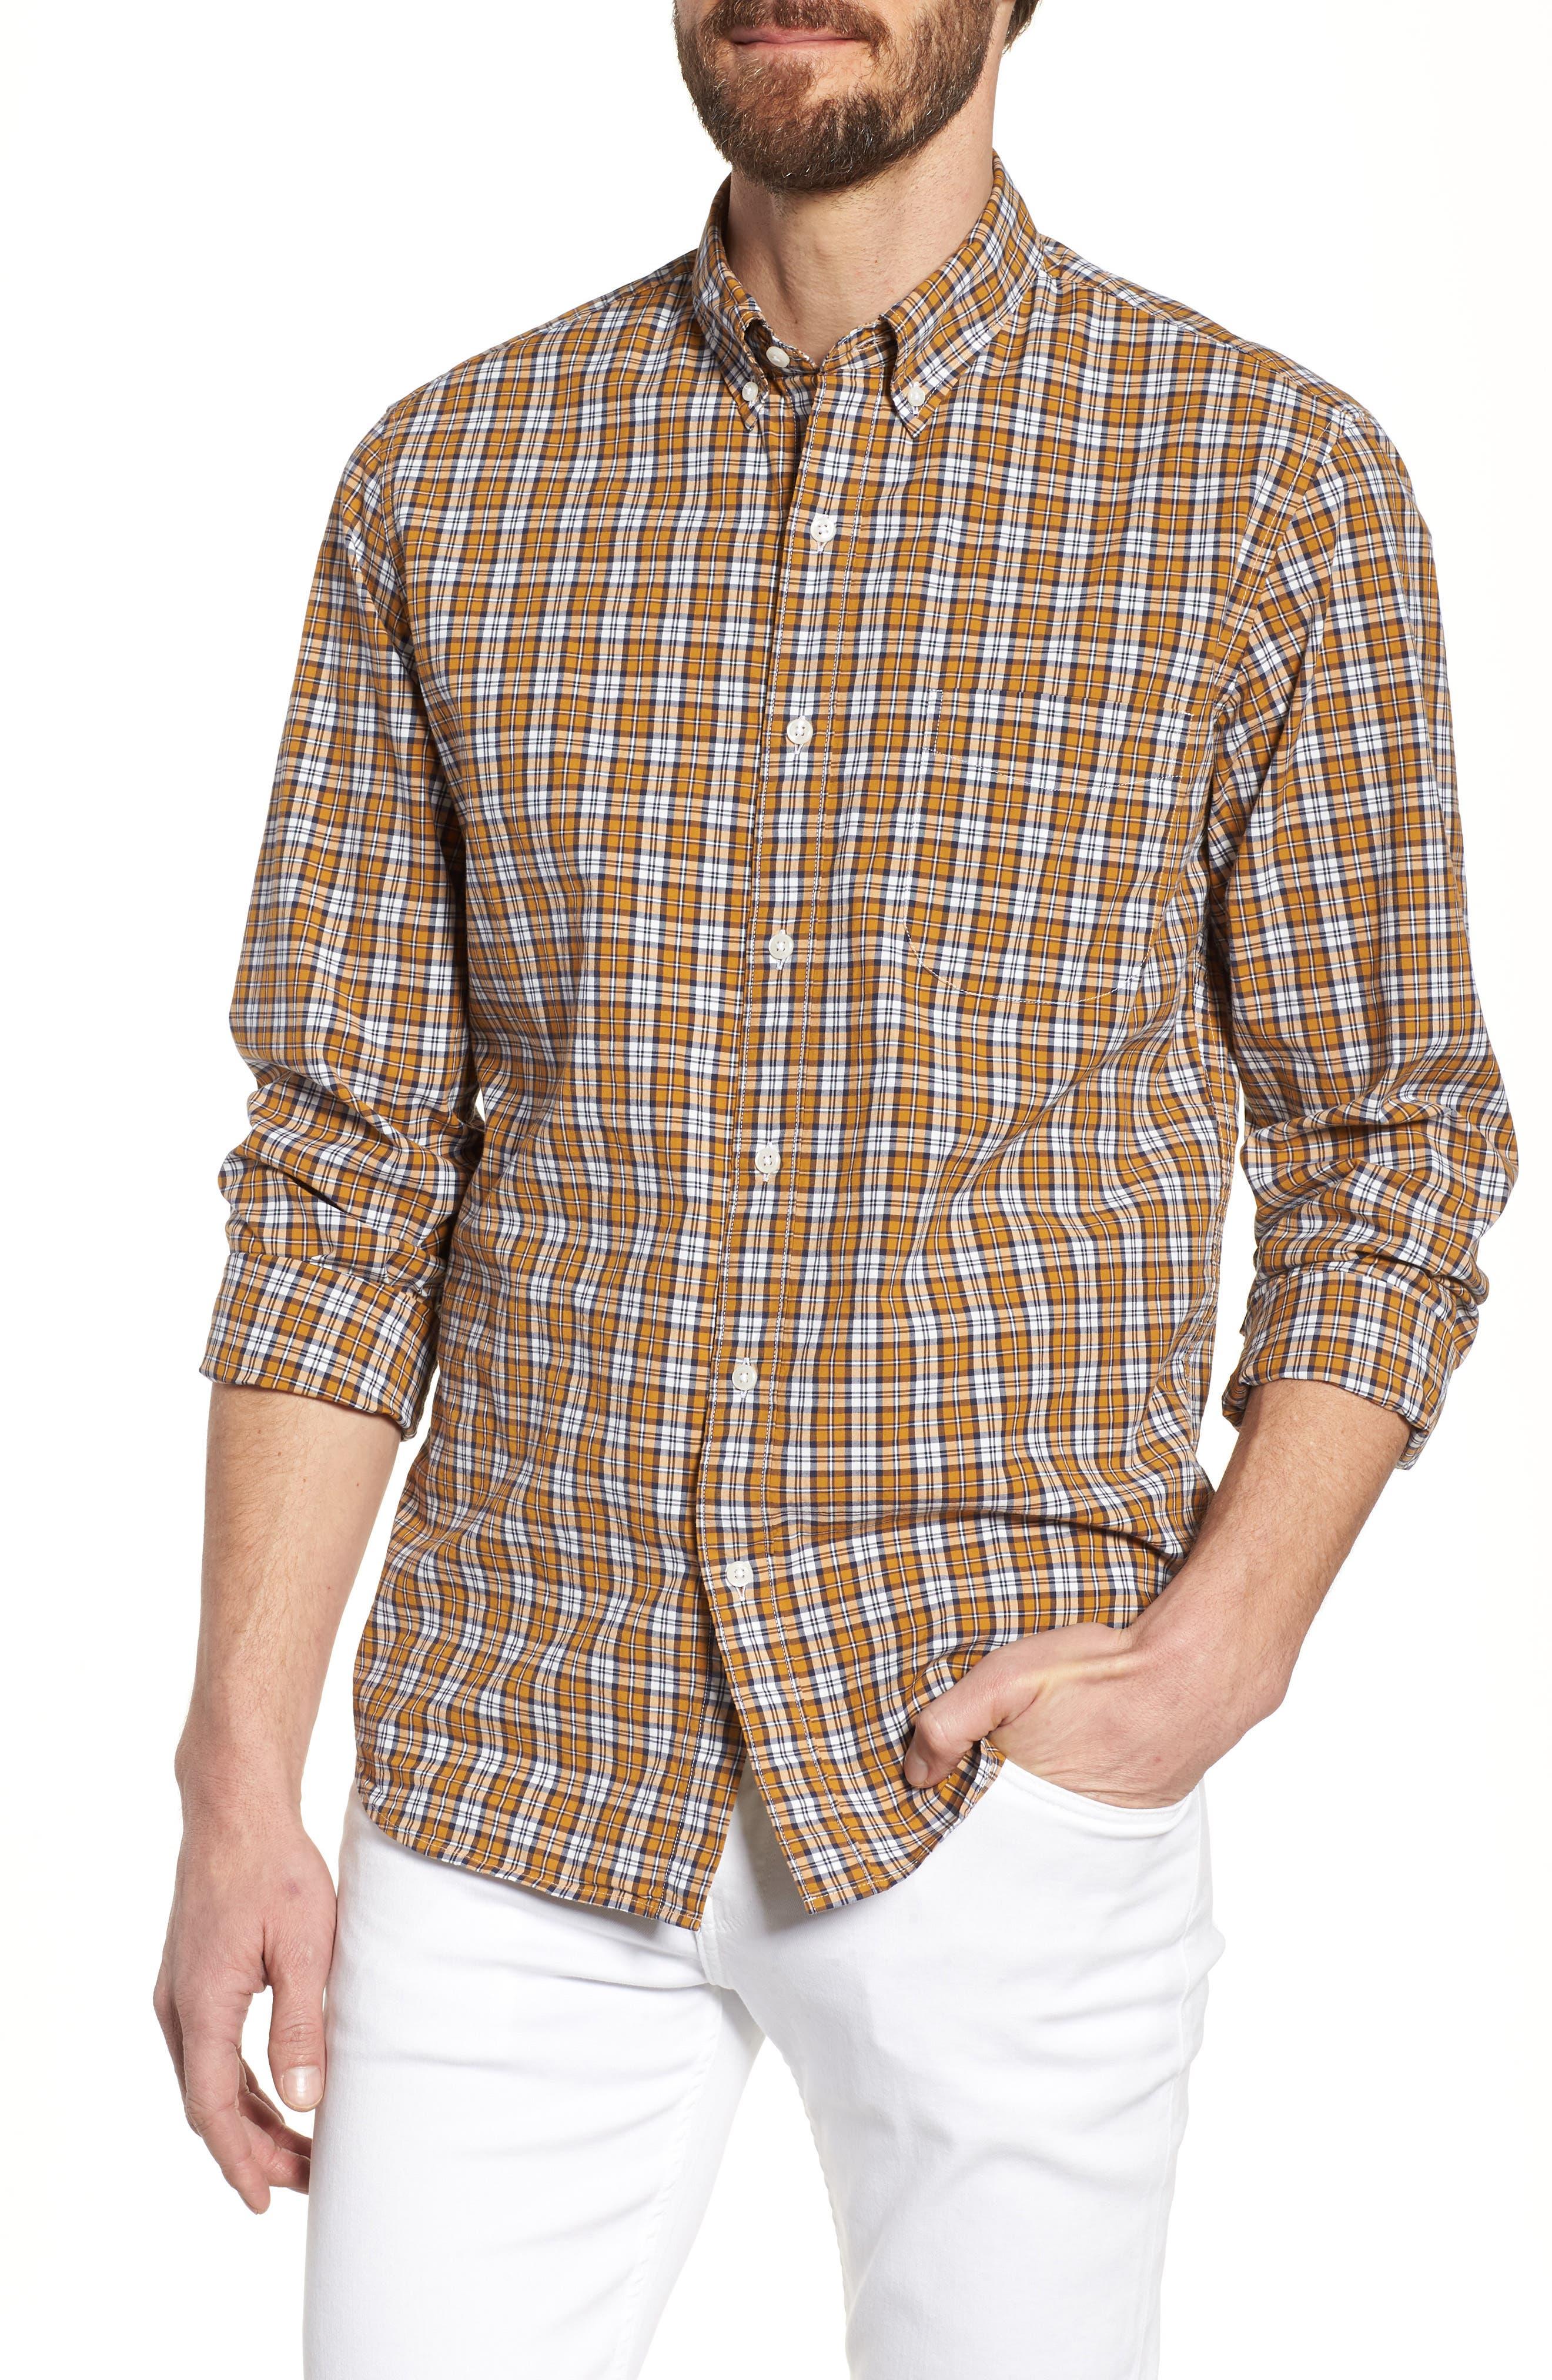 J.Crew Slim Fit Stretch Secret Wash Plaid Sport Shirt,                             Main thumbnail 1, color,                             Warm Cider